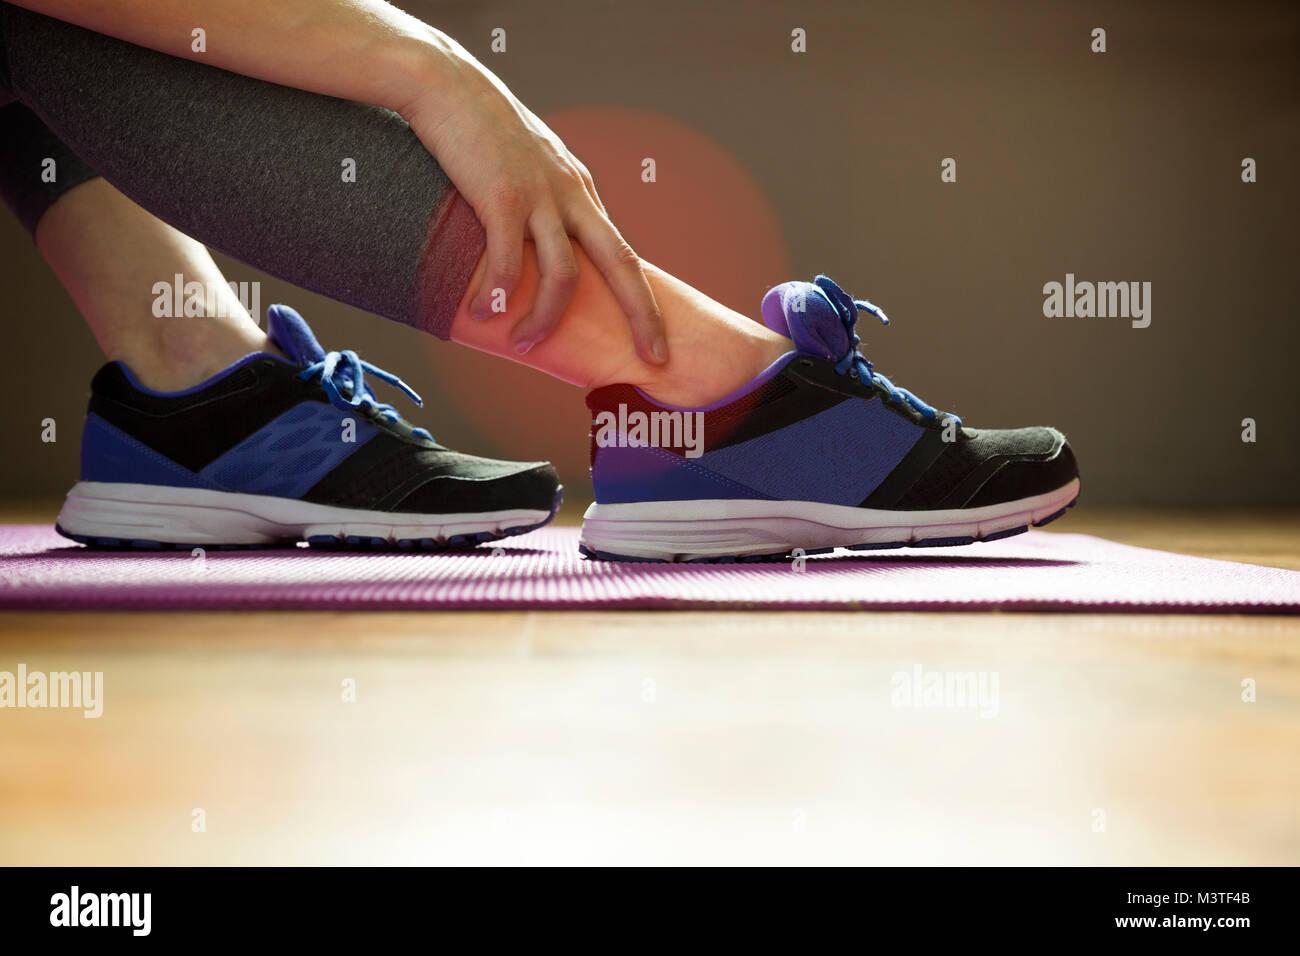 Junge Frau mit einer Knöchelverletzung beim Trainieren. Sport Übung Verletzungen Konzept. Stockfoto